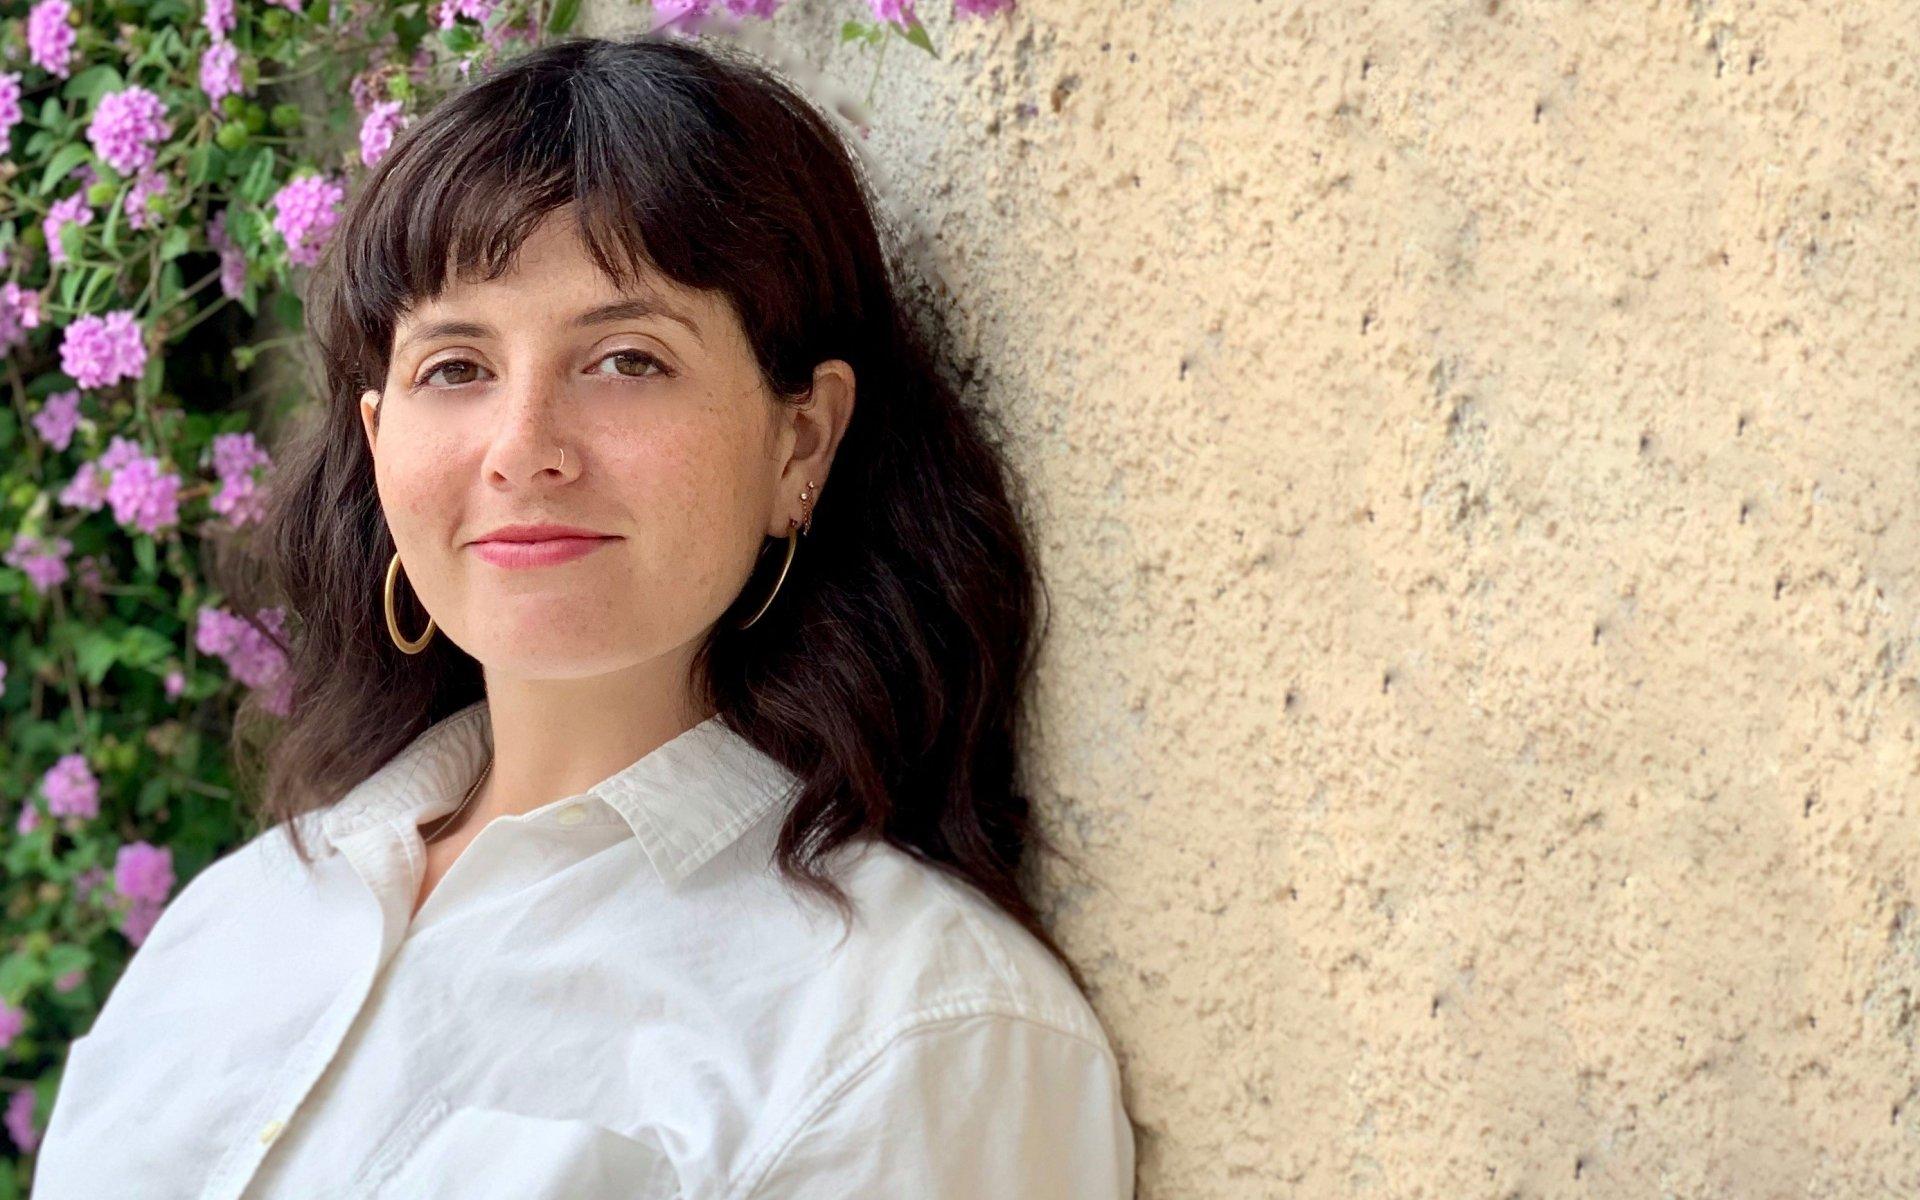 Sarah Rodman-Alvarez